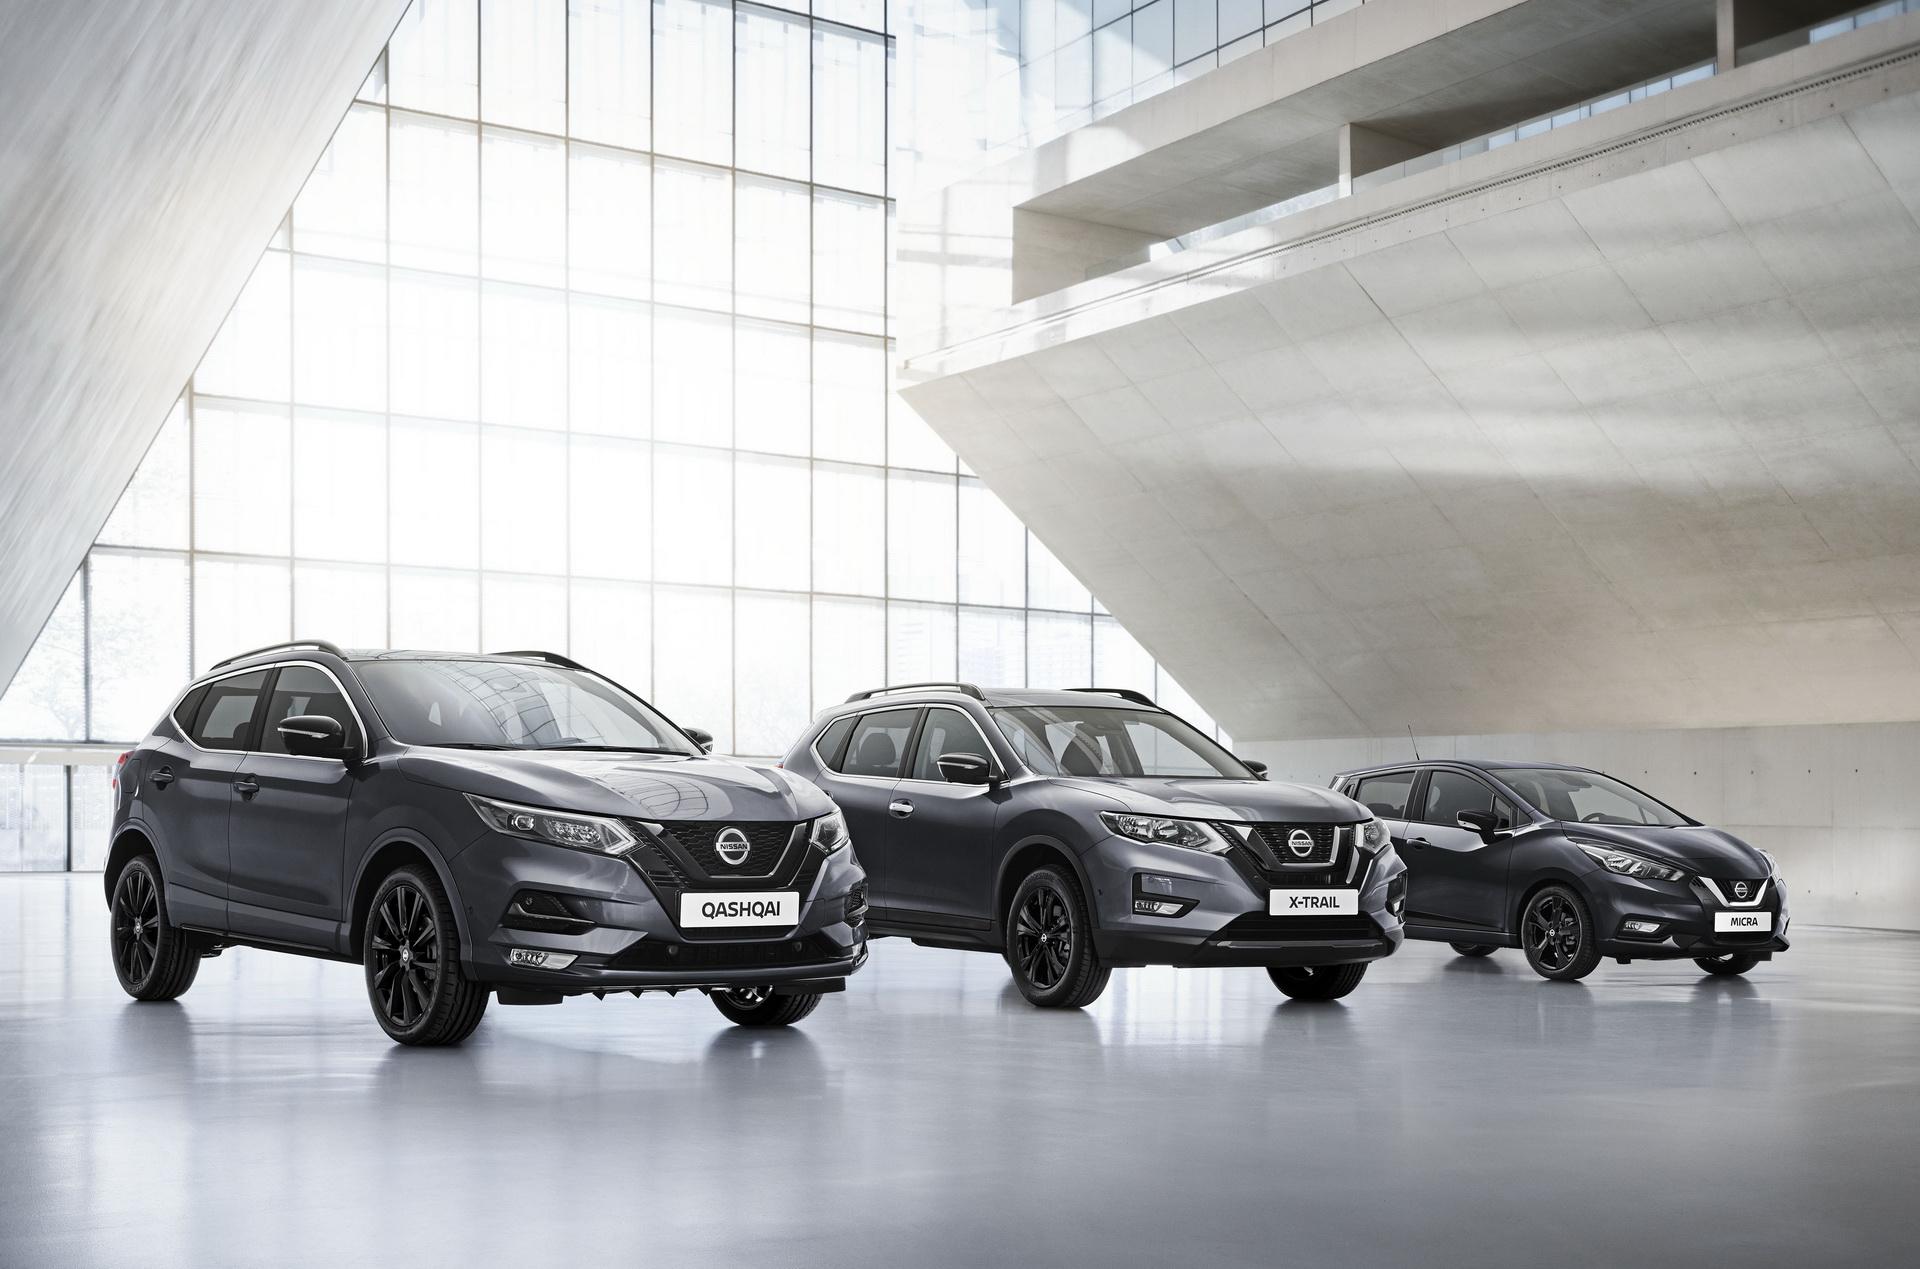 Nissan Version N Tec 2020 (6)